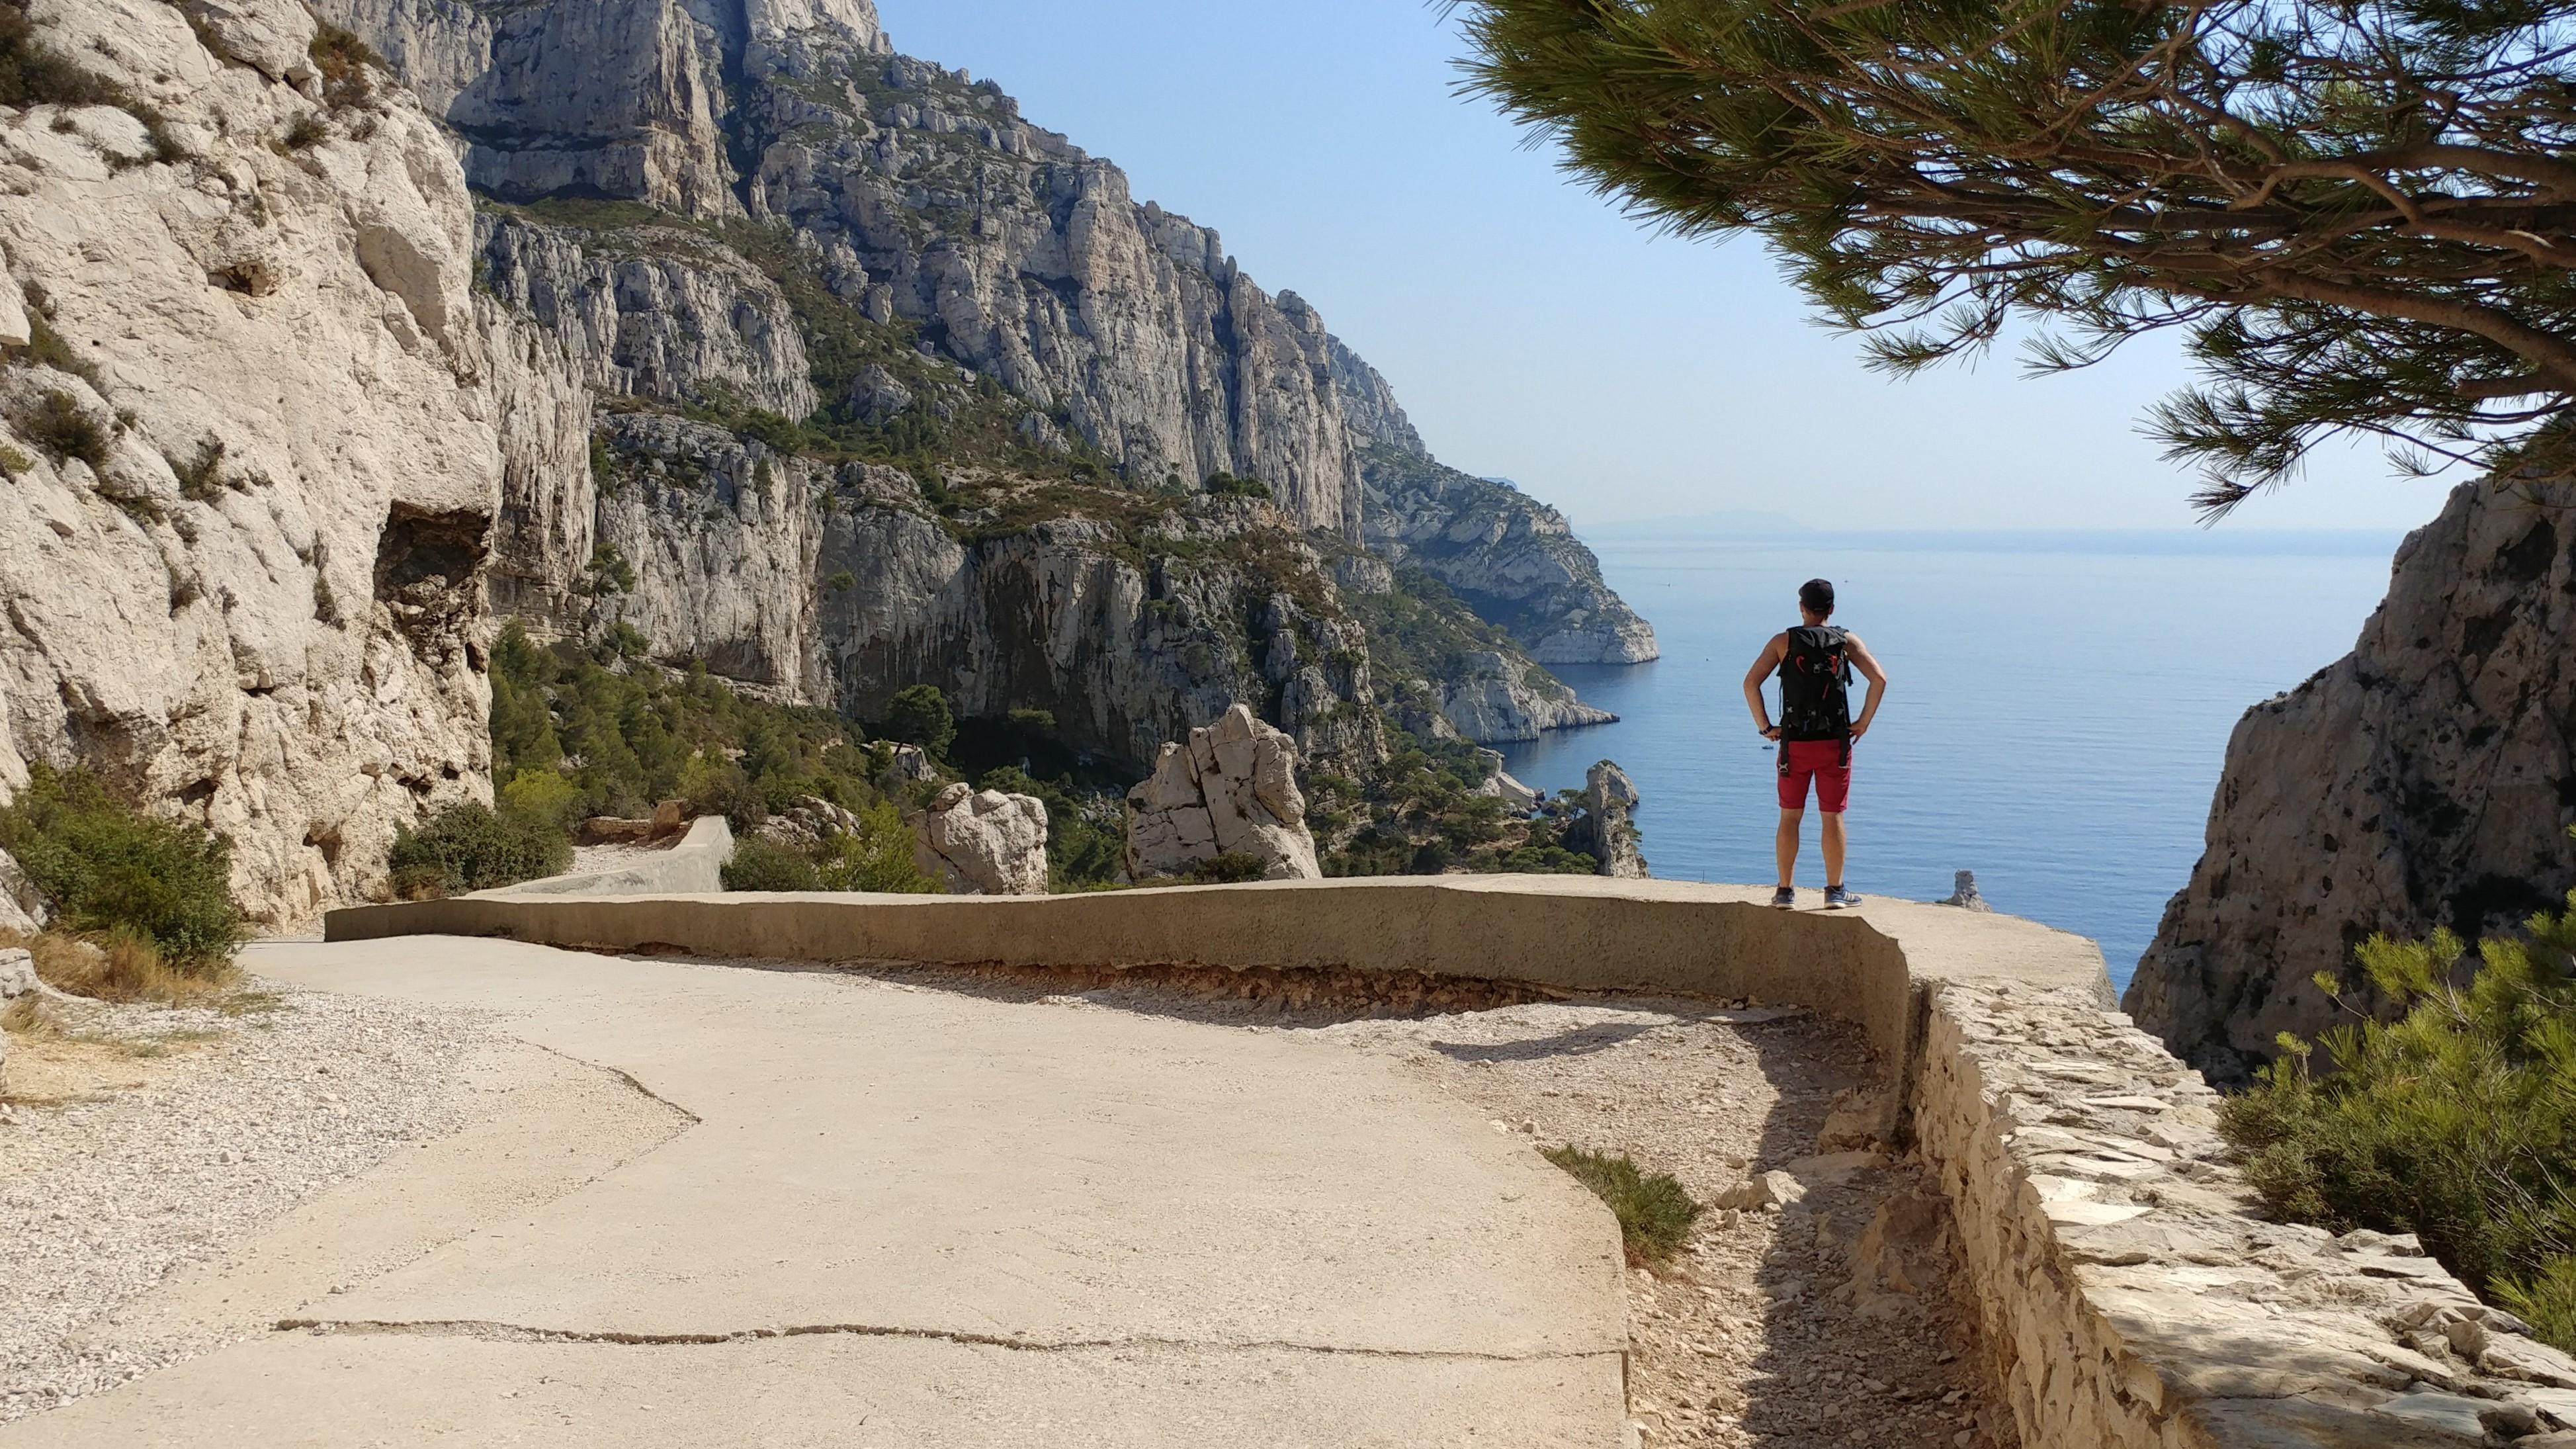 Calanques Marseille paysage mer méditerranée Europe France voyage destination